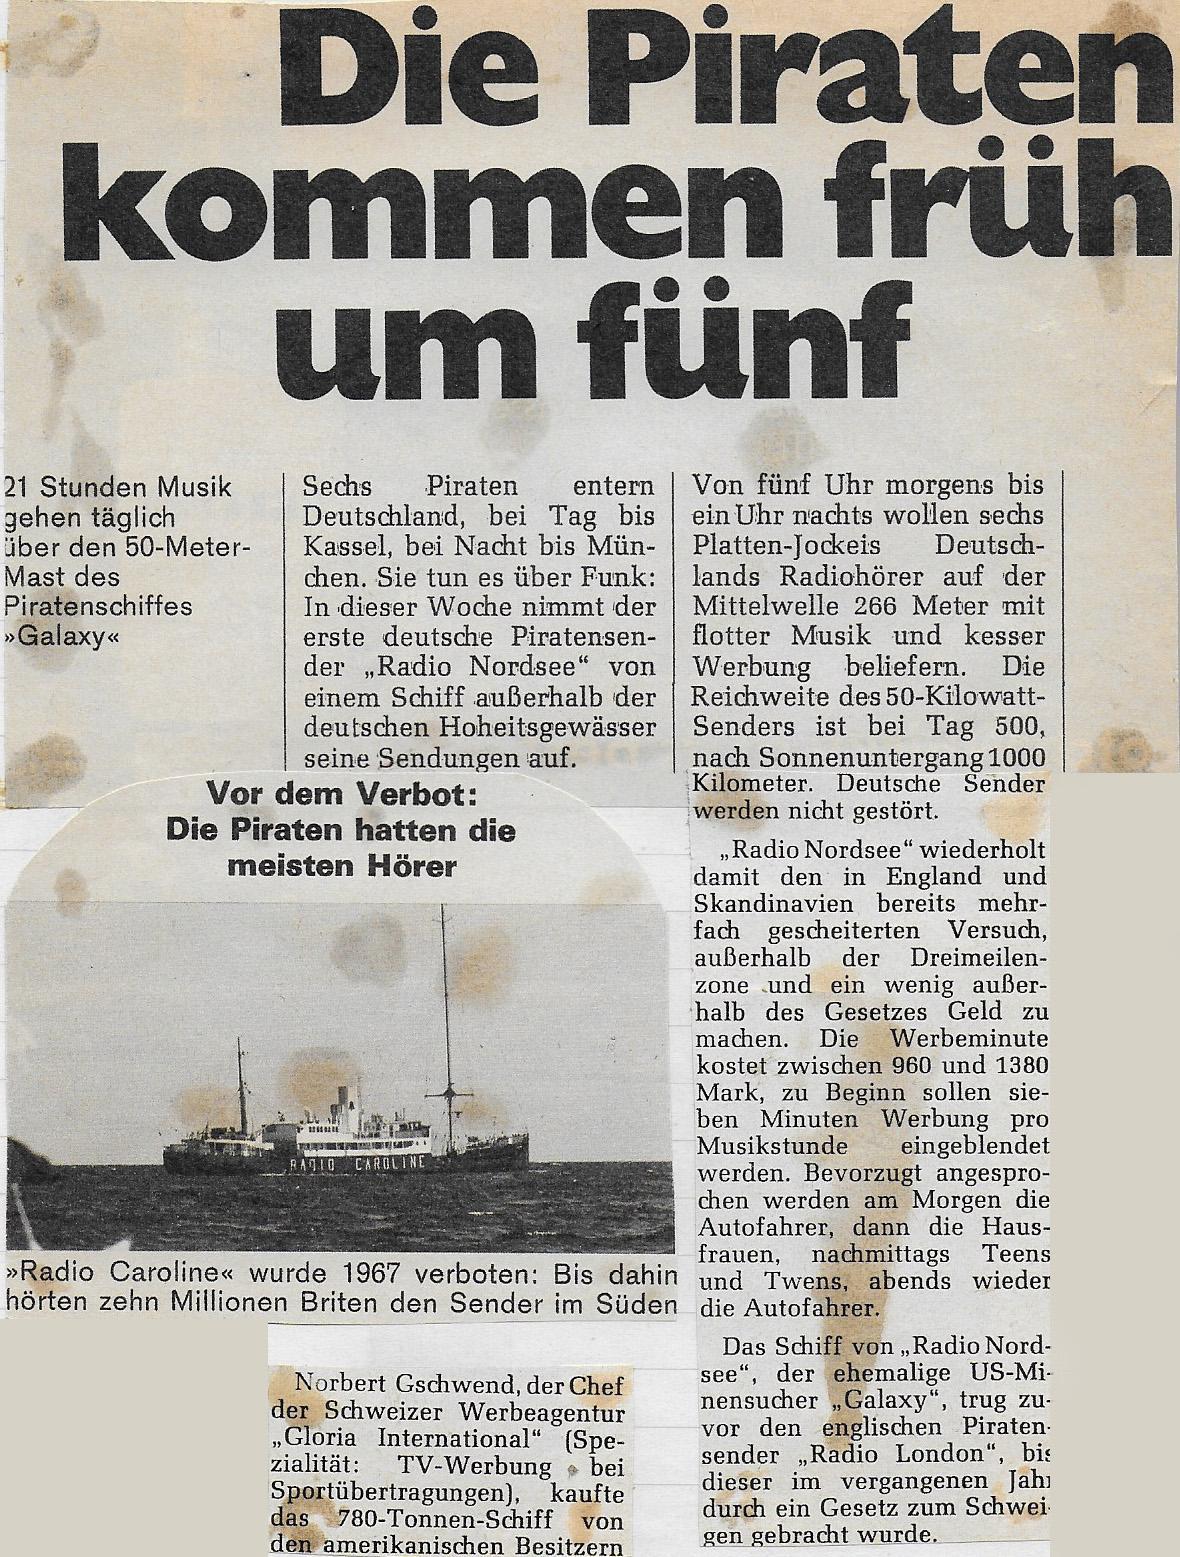 19681201 Die Piraten kommen früh um fünf Nordsee 01.jpg